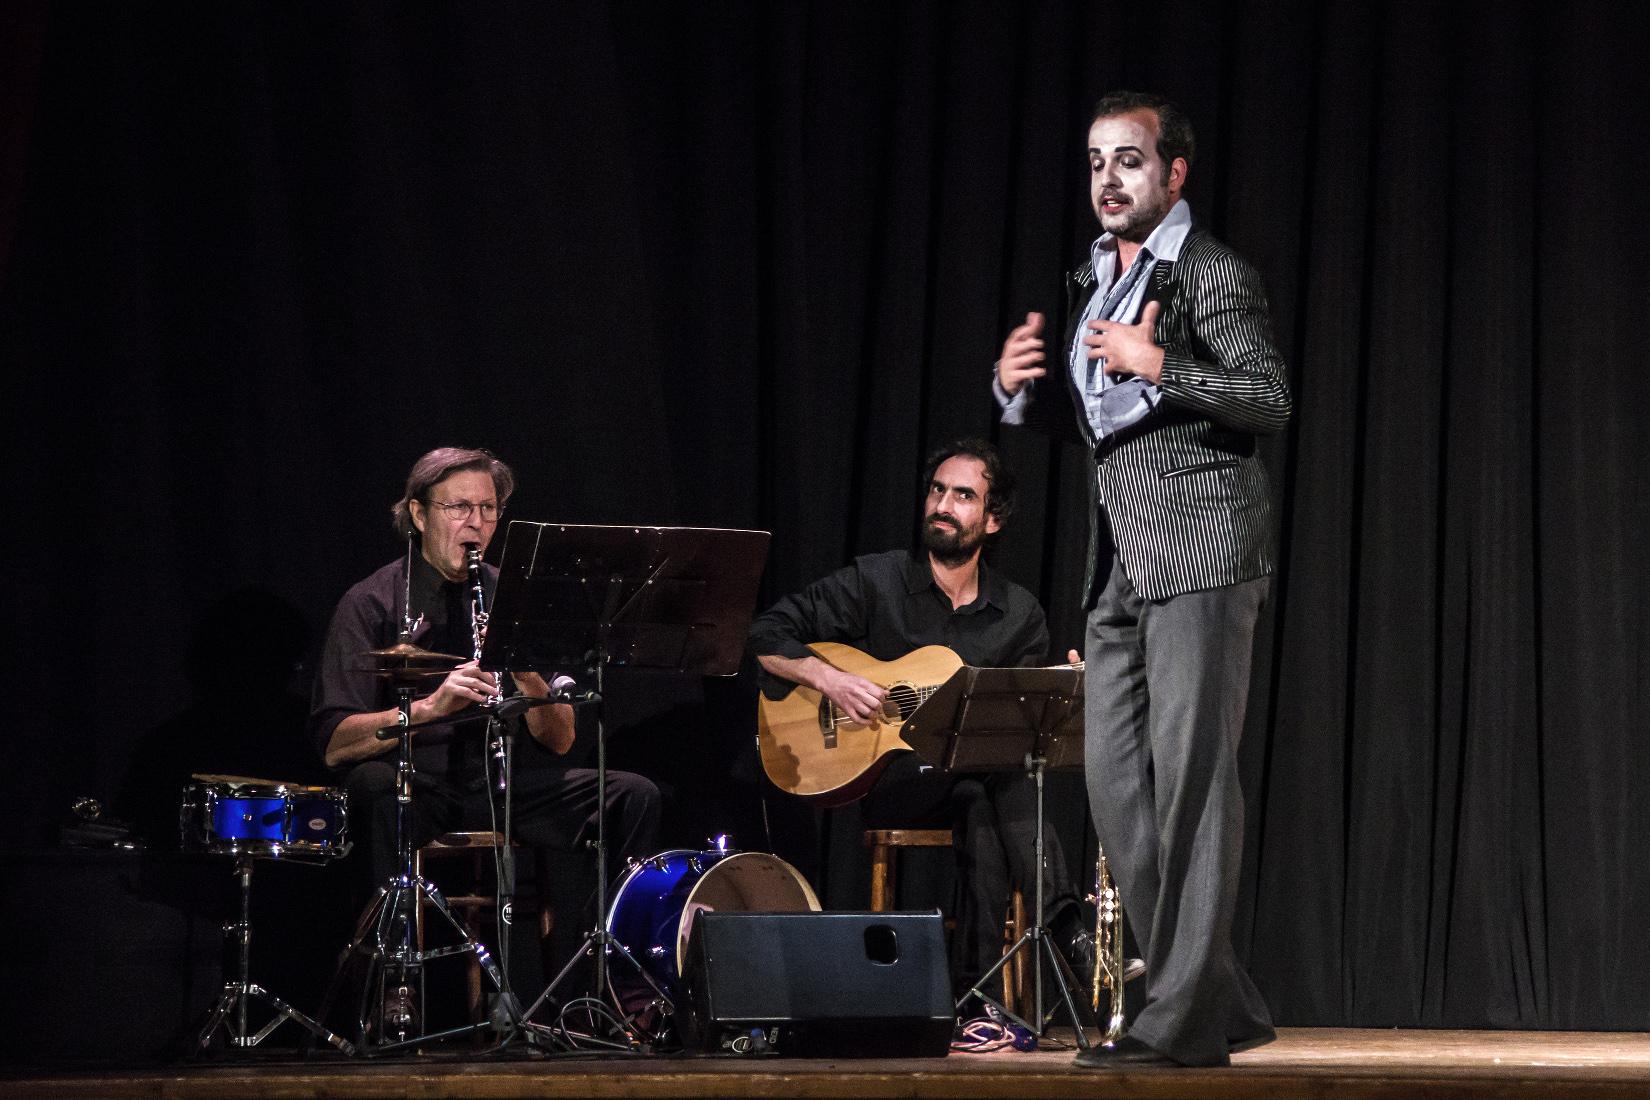 L'Odissea di Mario Perrotta al Teatro Biondo di Palermo